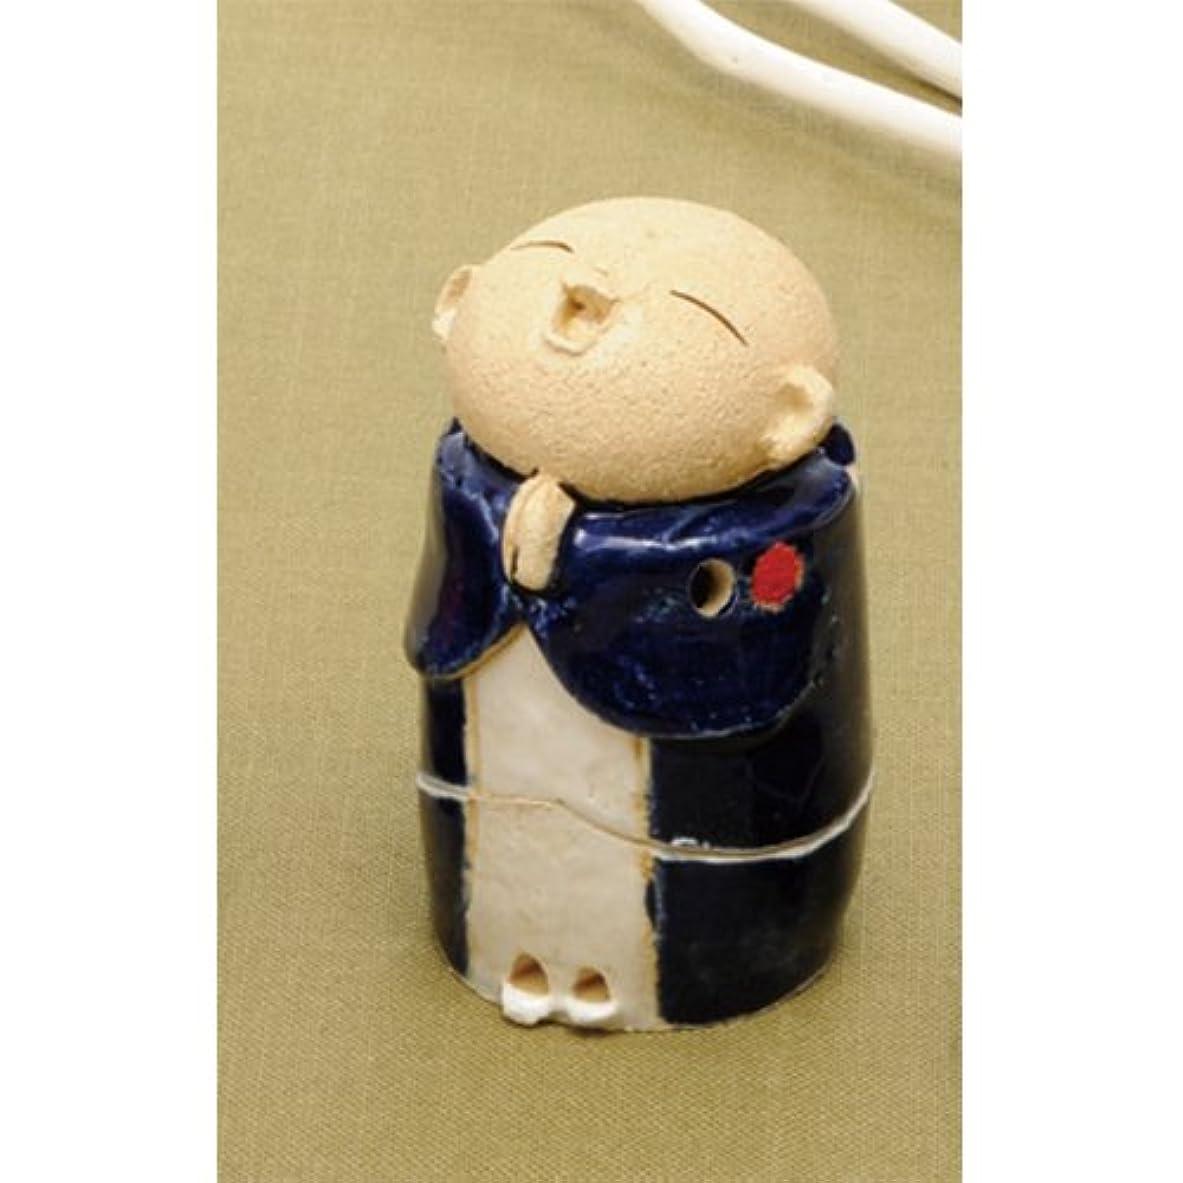 ドライバ浸透する名誉お地蔵様 香炉シリーズ 青 お地蔵様 香炉 2.8寸 [H8.5cm] HANDMADE プレゼント ギフト 和食器 かわいい インテリア